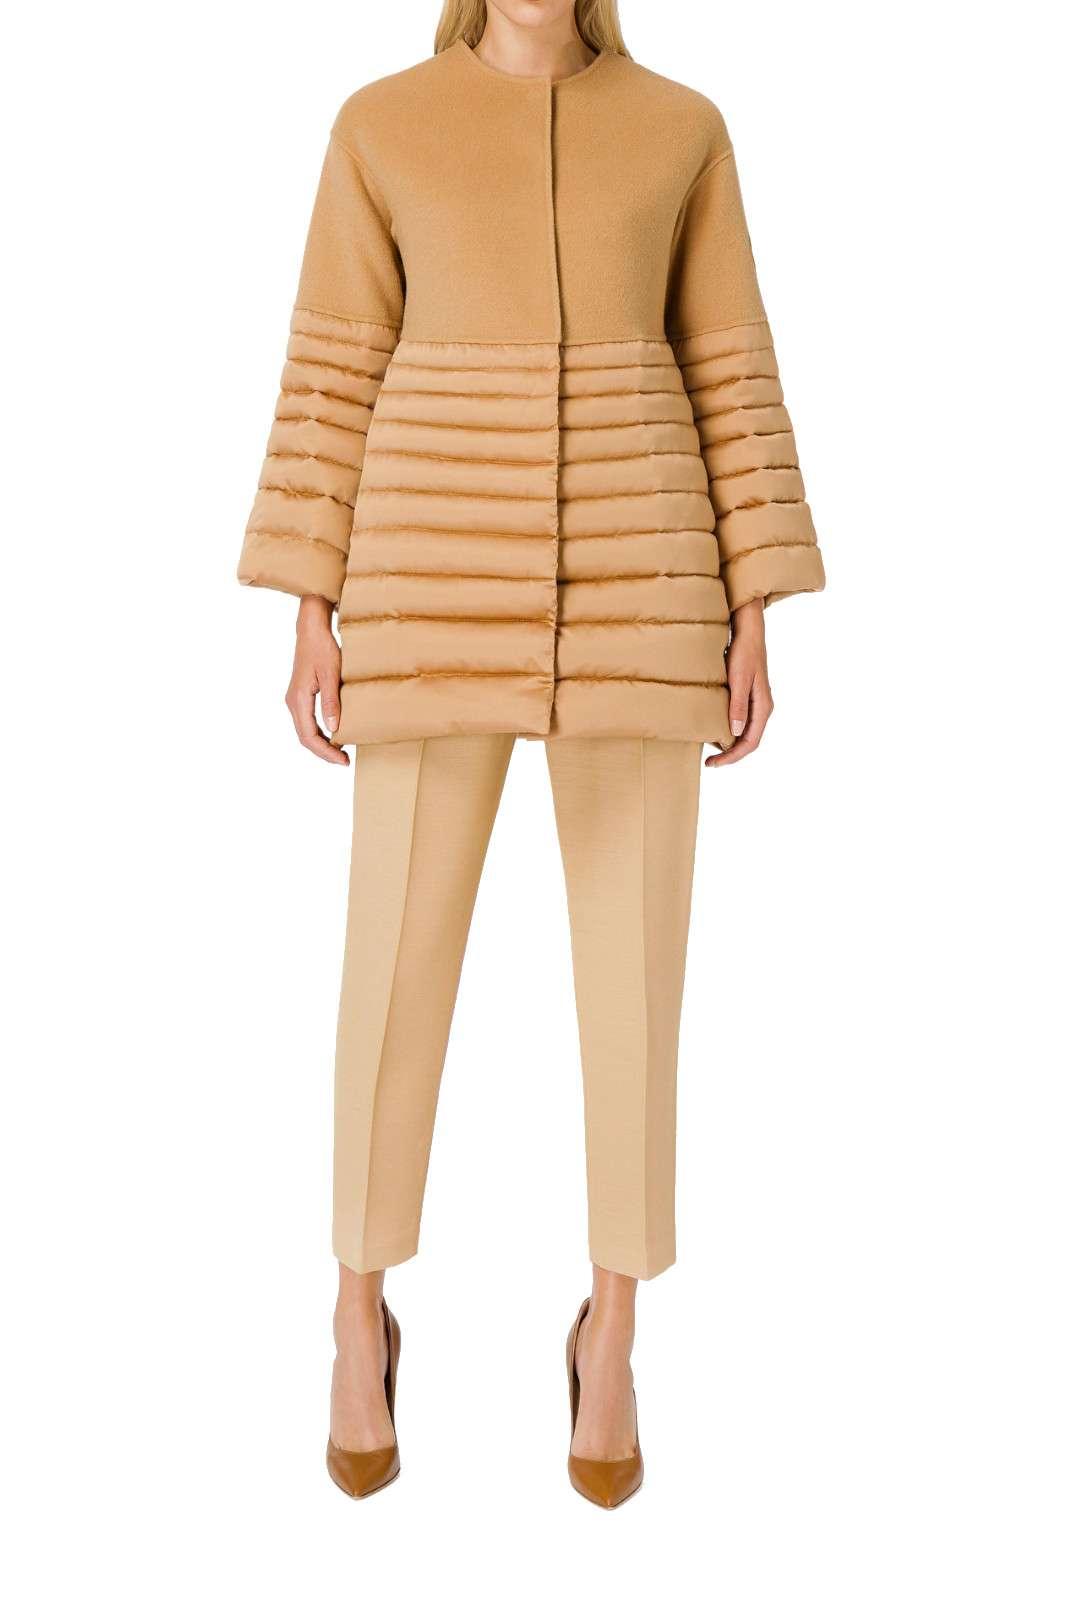 Cappotto in lana ed imbottitura pensato per le tue giornate fredde, elegante, raffinato, dal mood urban e dalle linee sartoriali decise.